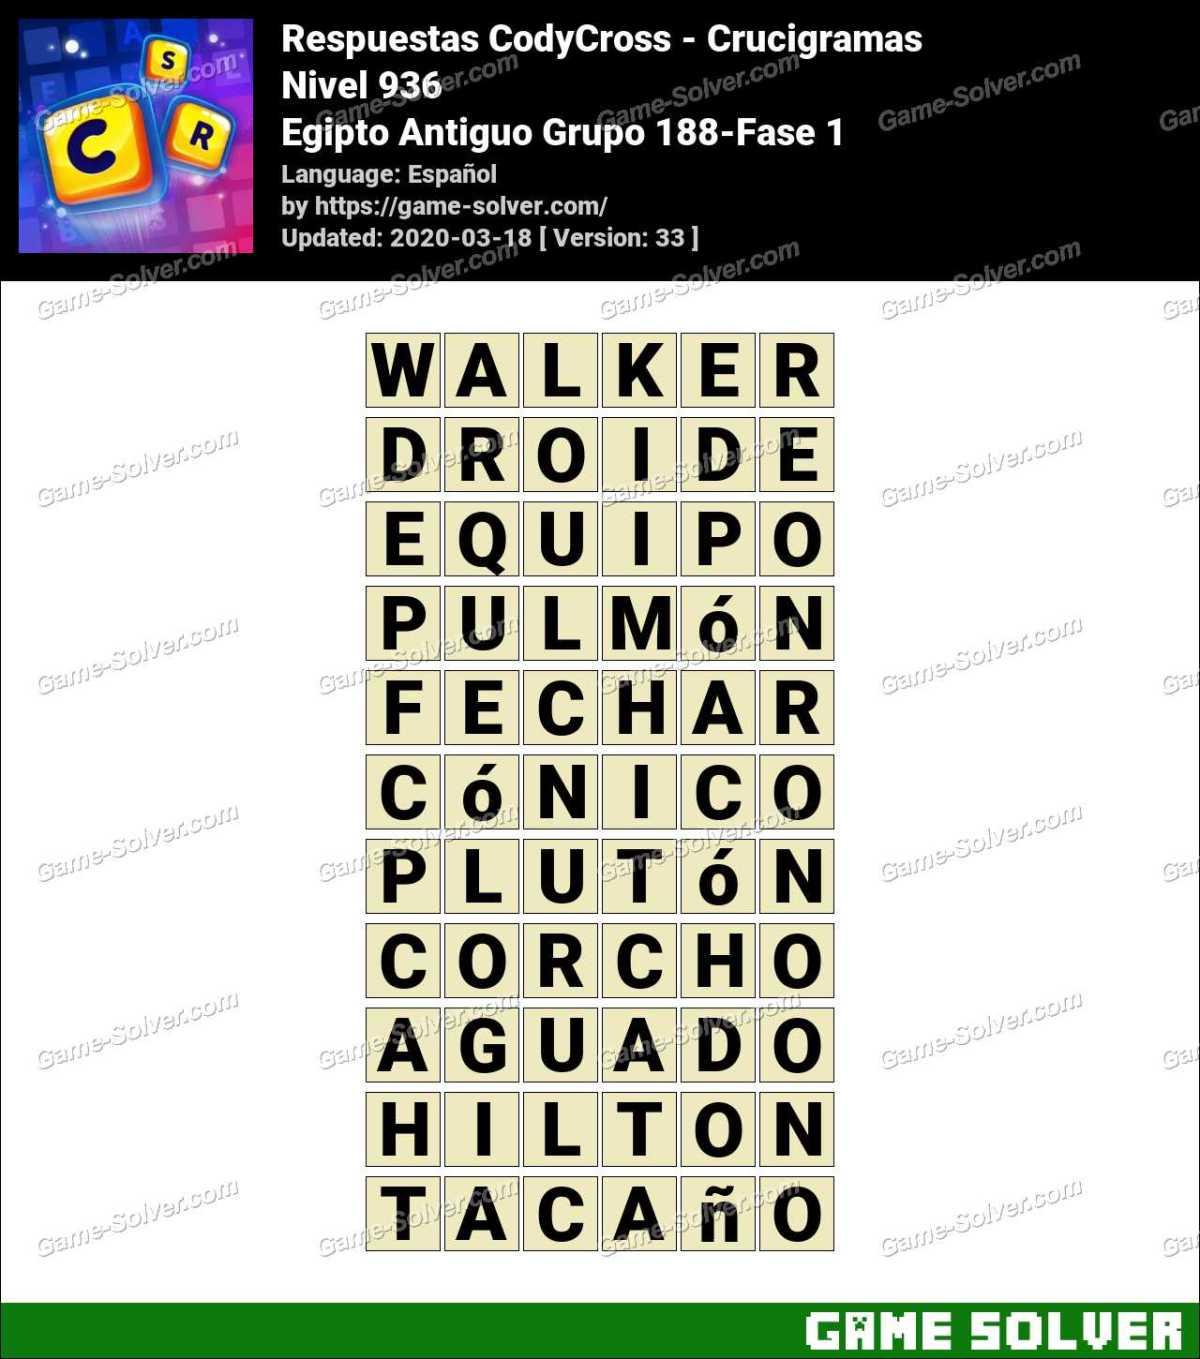 Respuestas CodyCross Egipto Antiguo Grupo 188-Fase 1